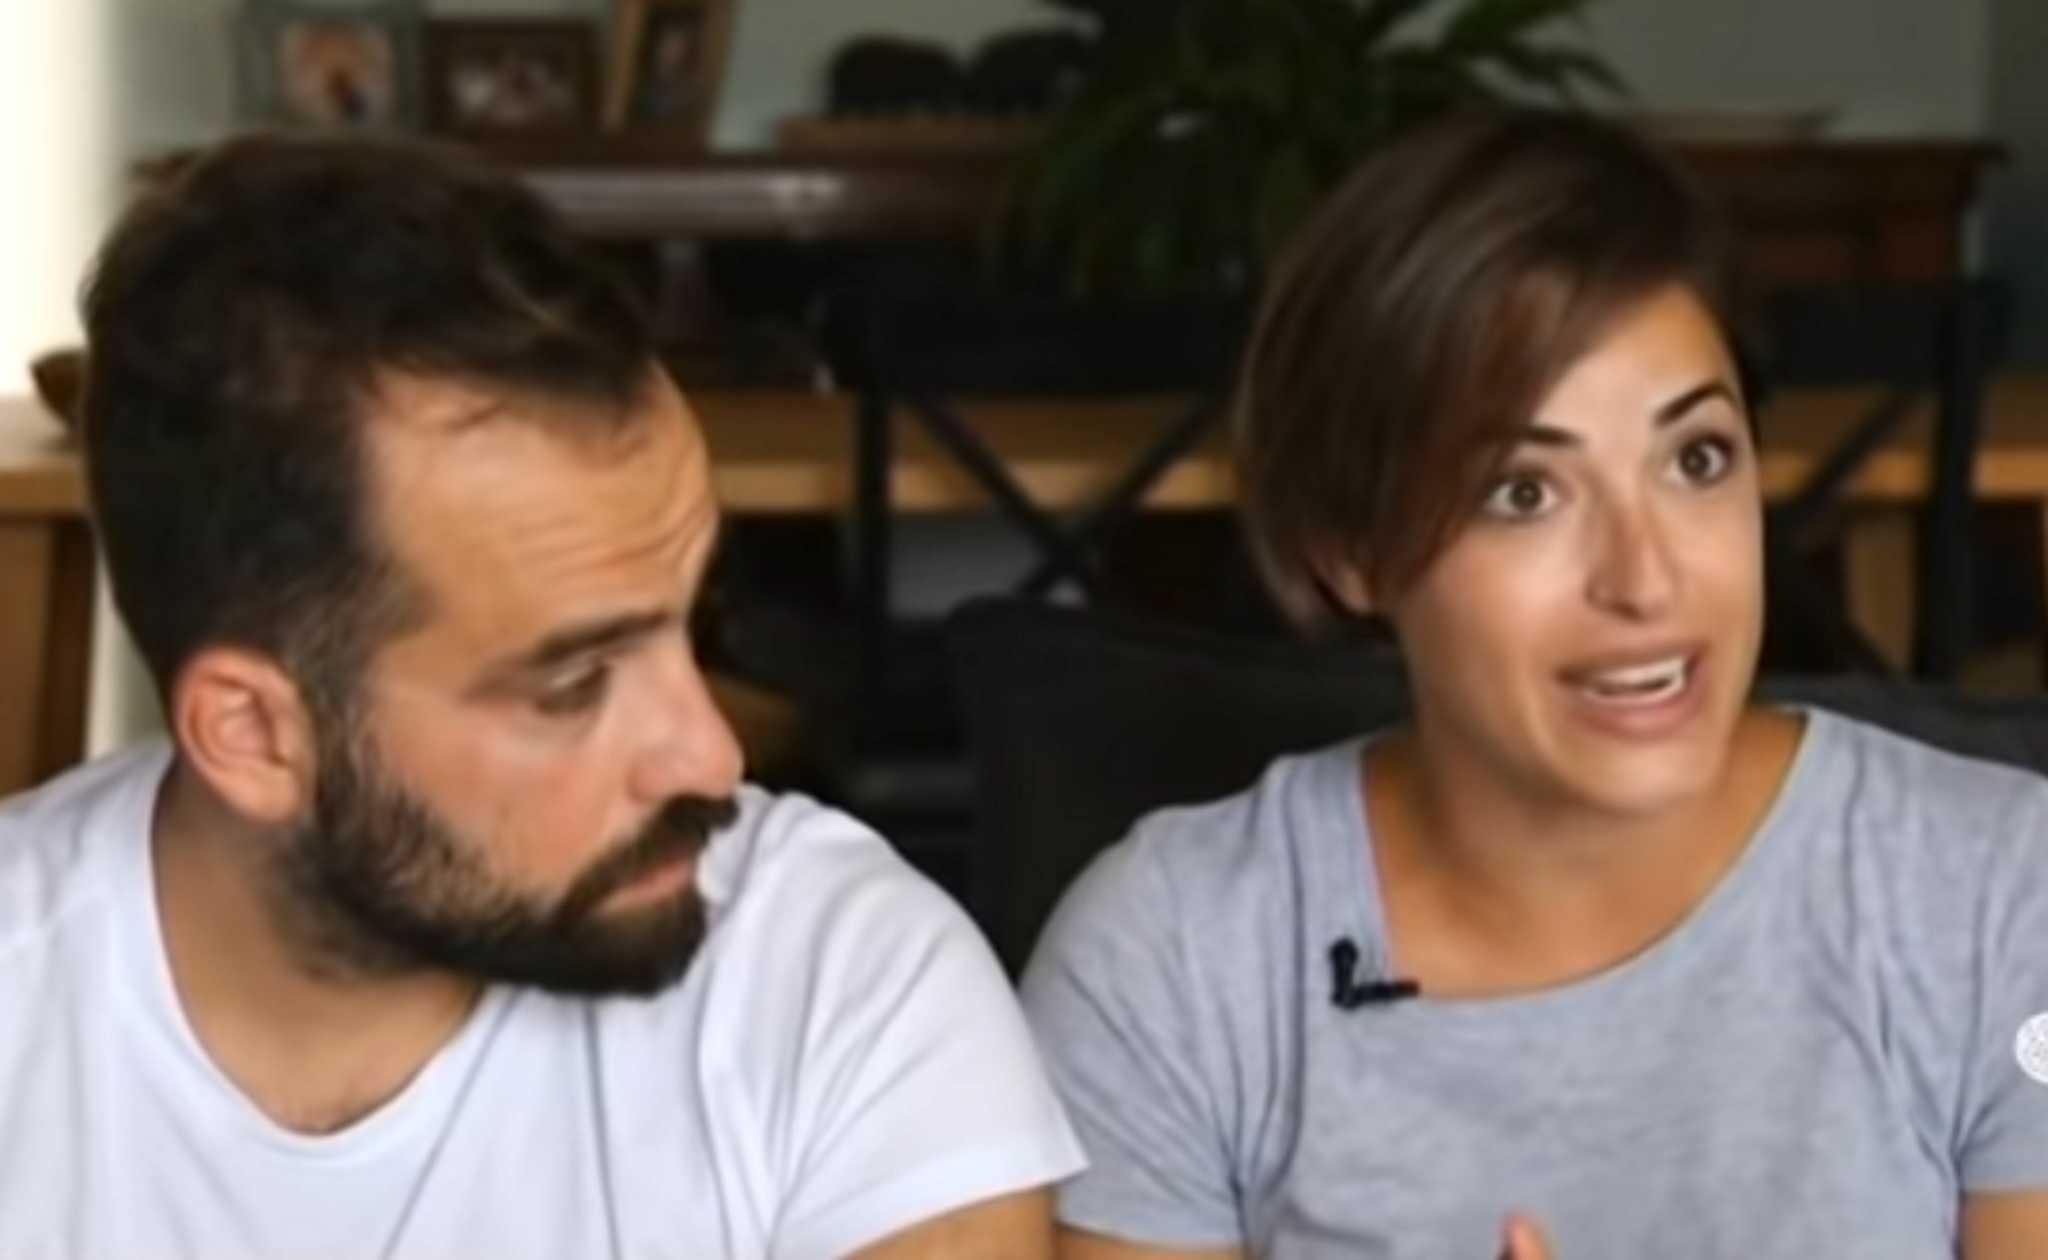 Κρήτη: Καθηλώνουν οι γονείς που υιοθέτησαν το βρέφος που βρέθηκε μόνο και αβοήθητο σε χωράφι